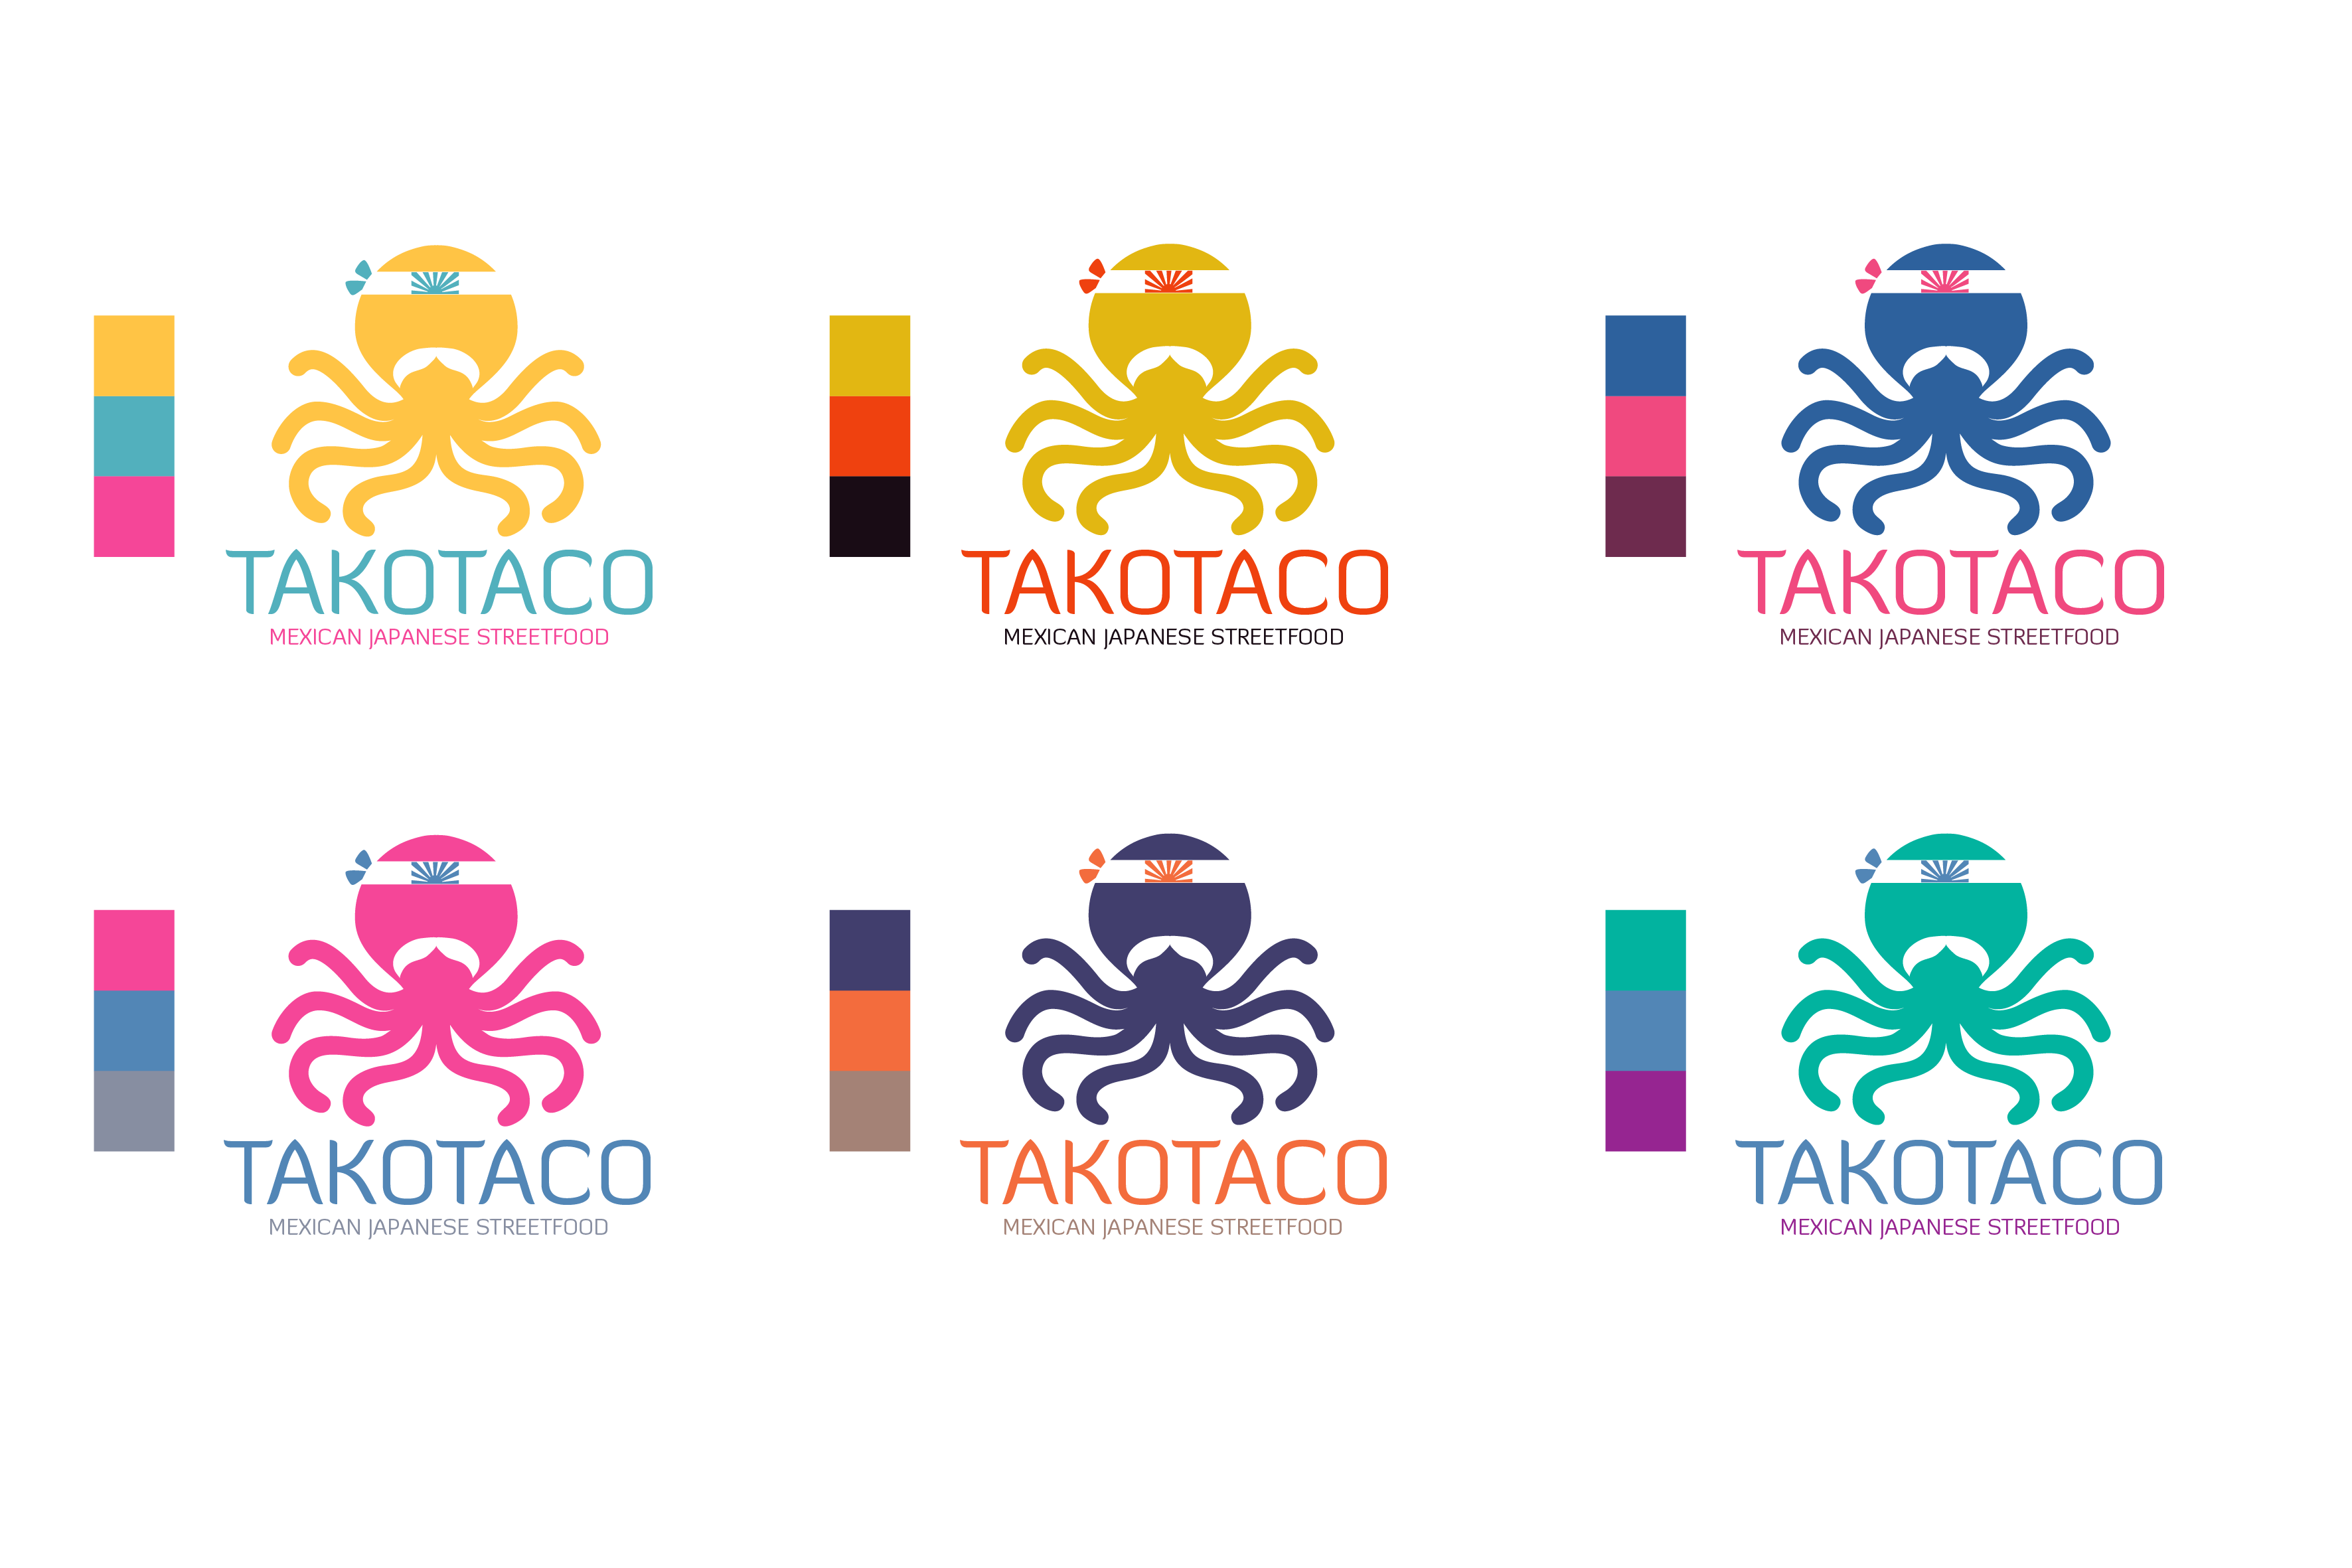 TAKOTACO - image 7 - student project